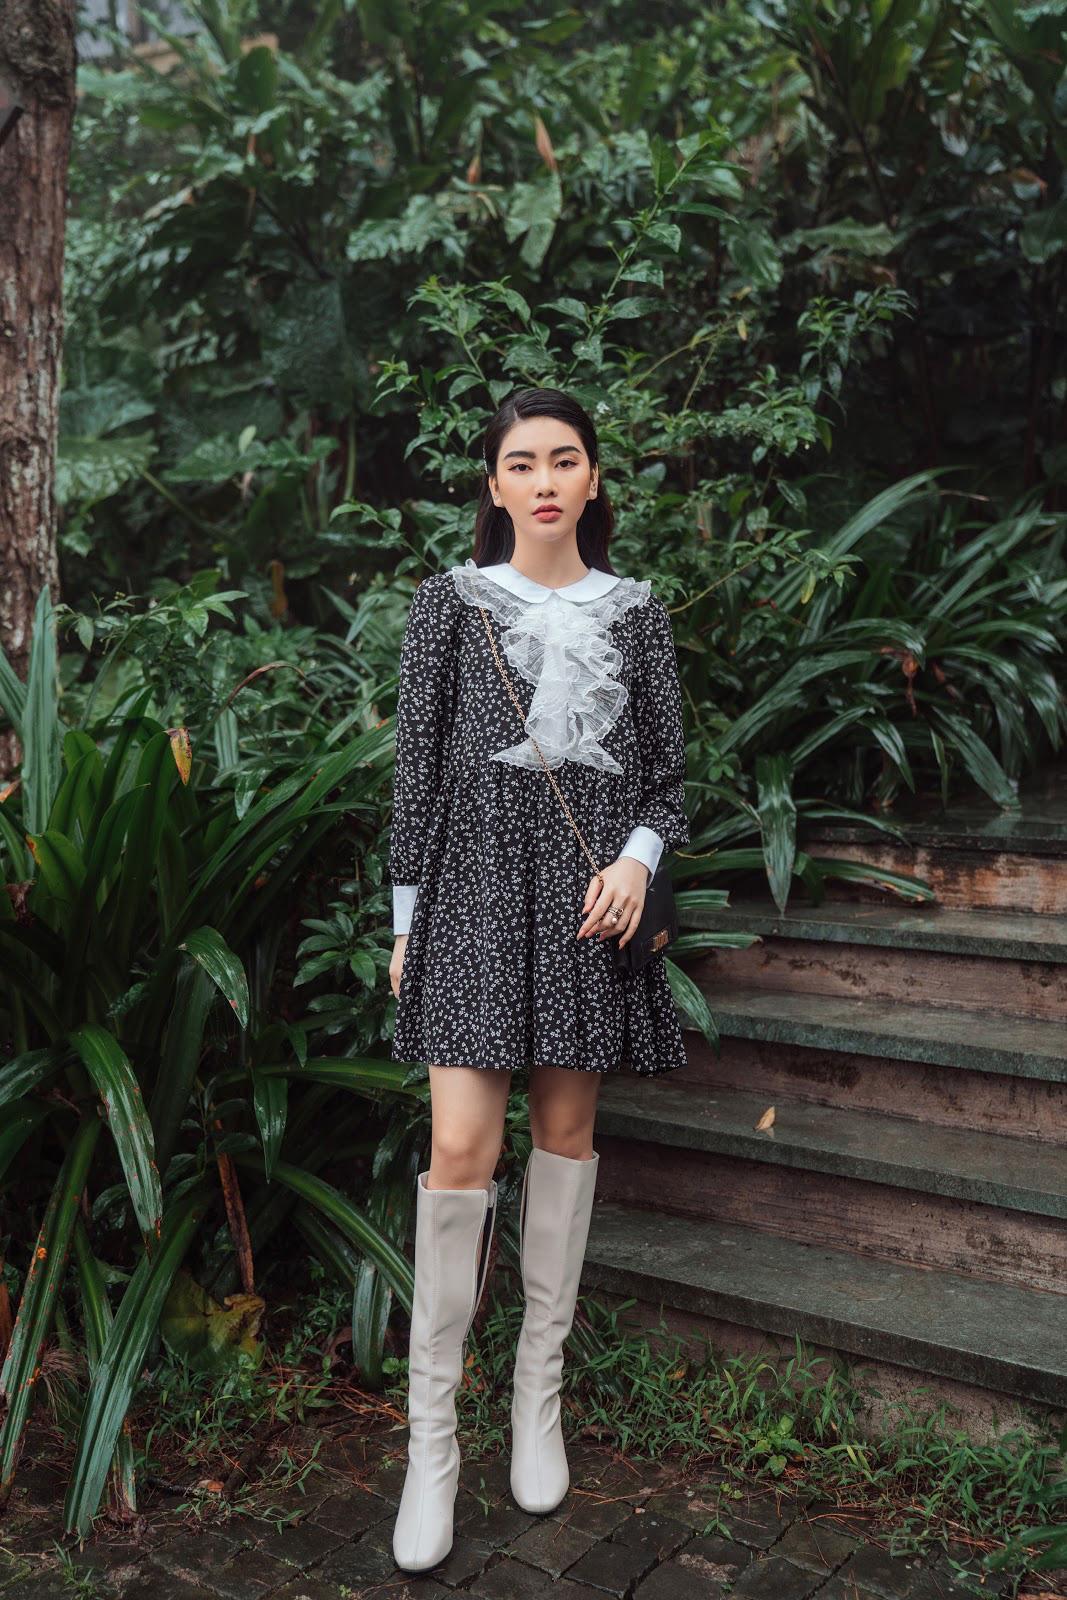 Leenaa clothing gợi ý 7 outfit xuân-hè ngọt ngào tươi mới gây sốt trong năm nay - Ảnh 3.